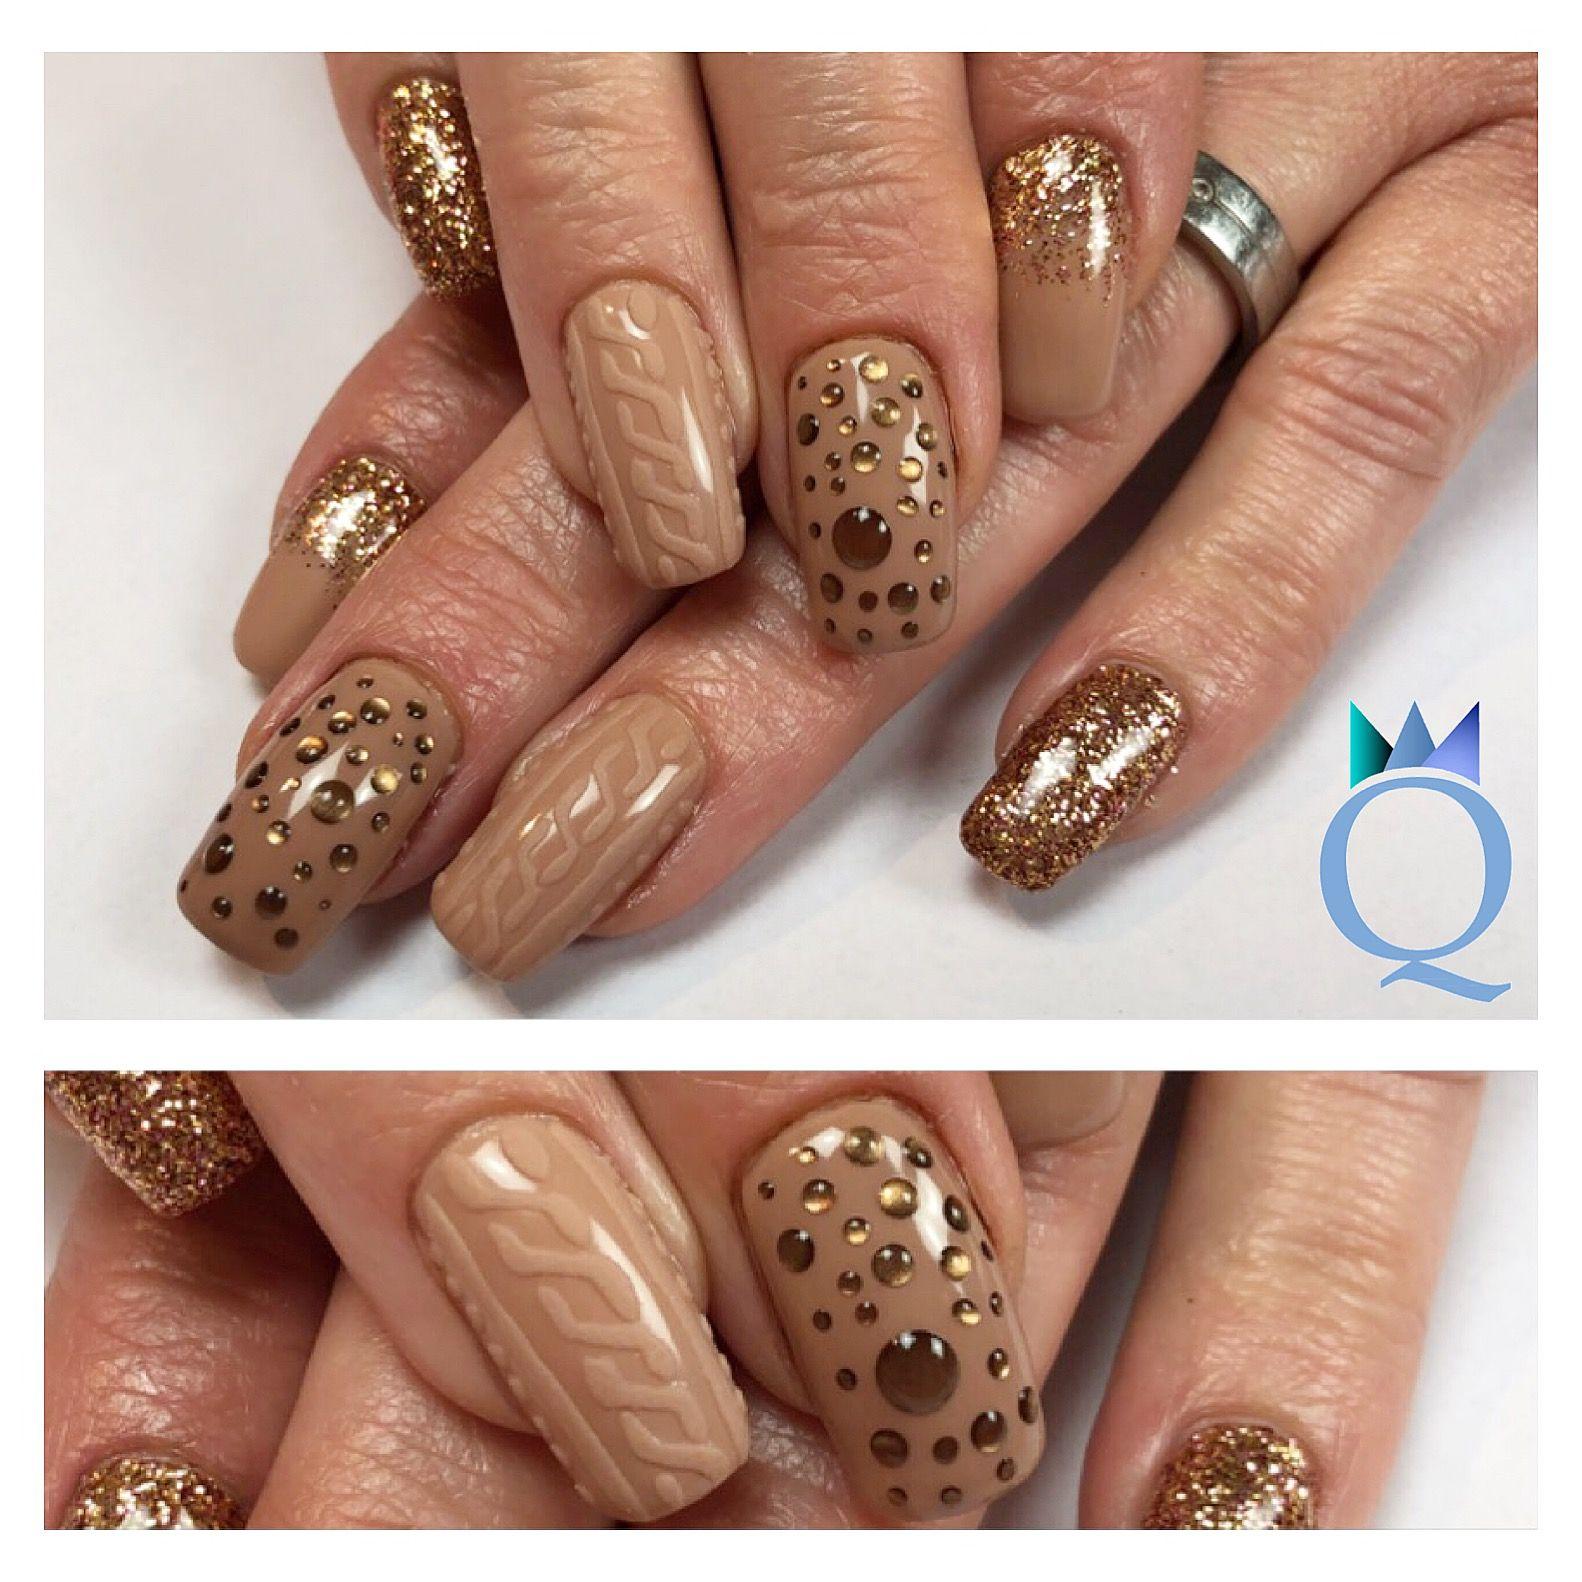 Liebenswert Nageldesign Braun Beige Referenz Von #gelnails #nails #beigenails #brown #copper #glitter #sweaternails